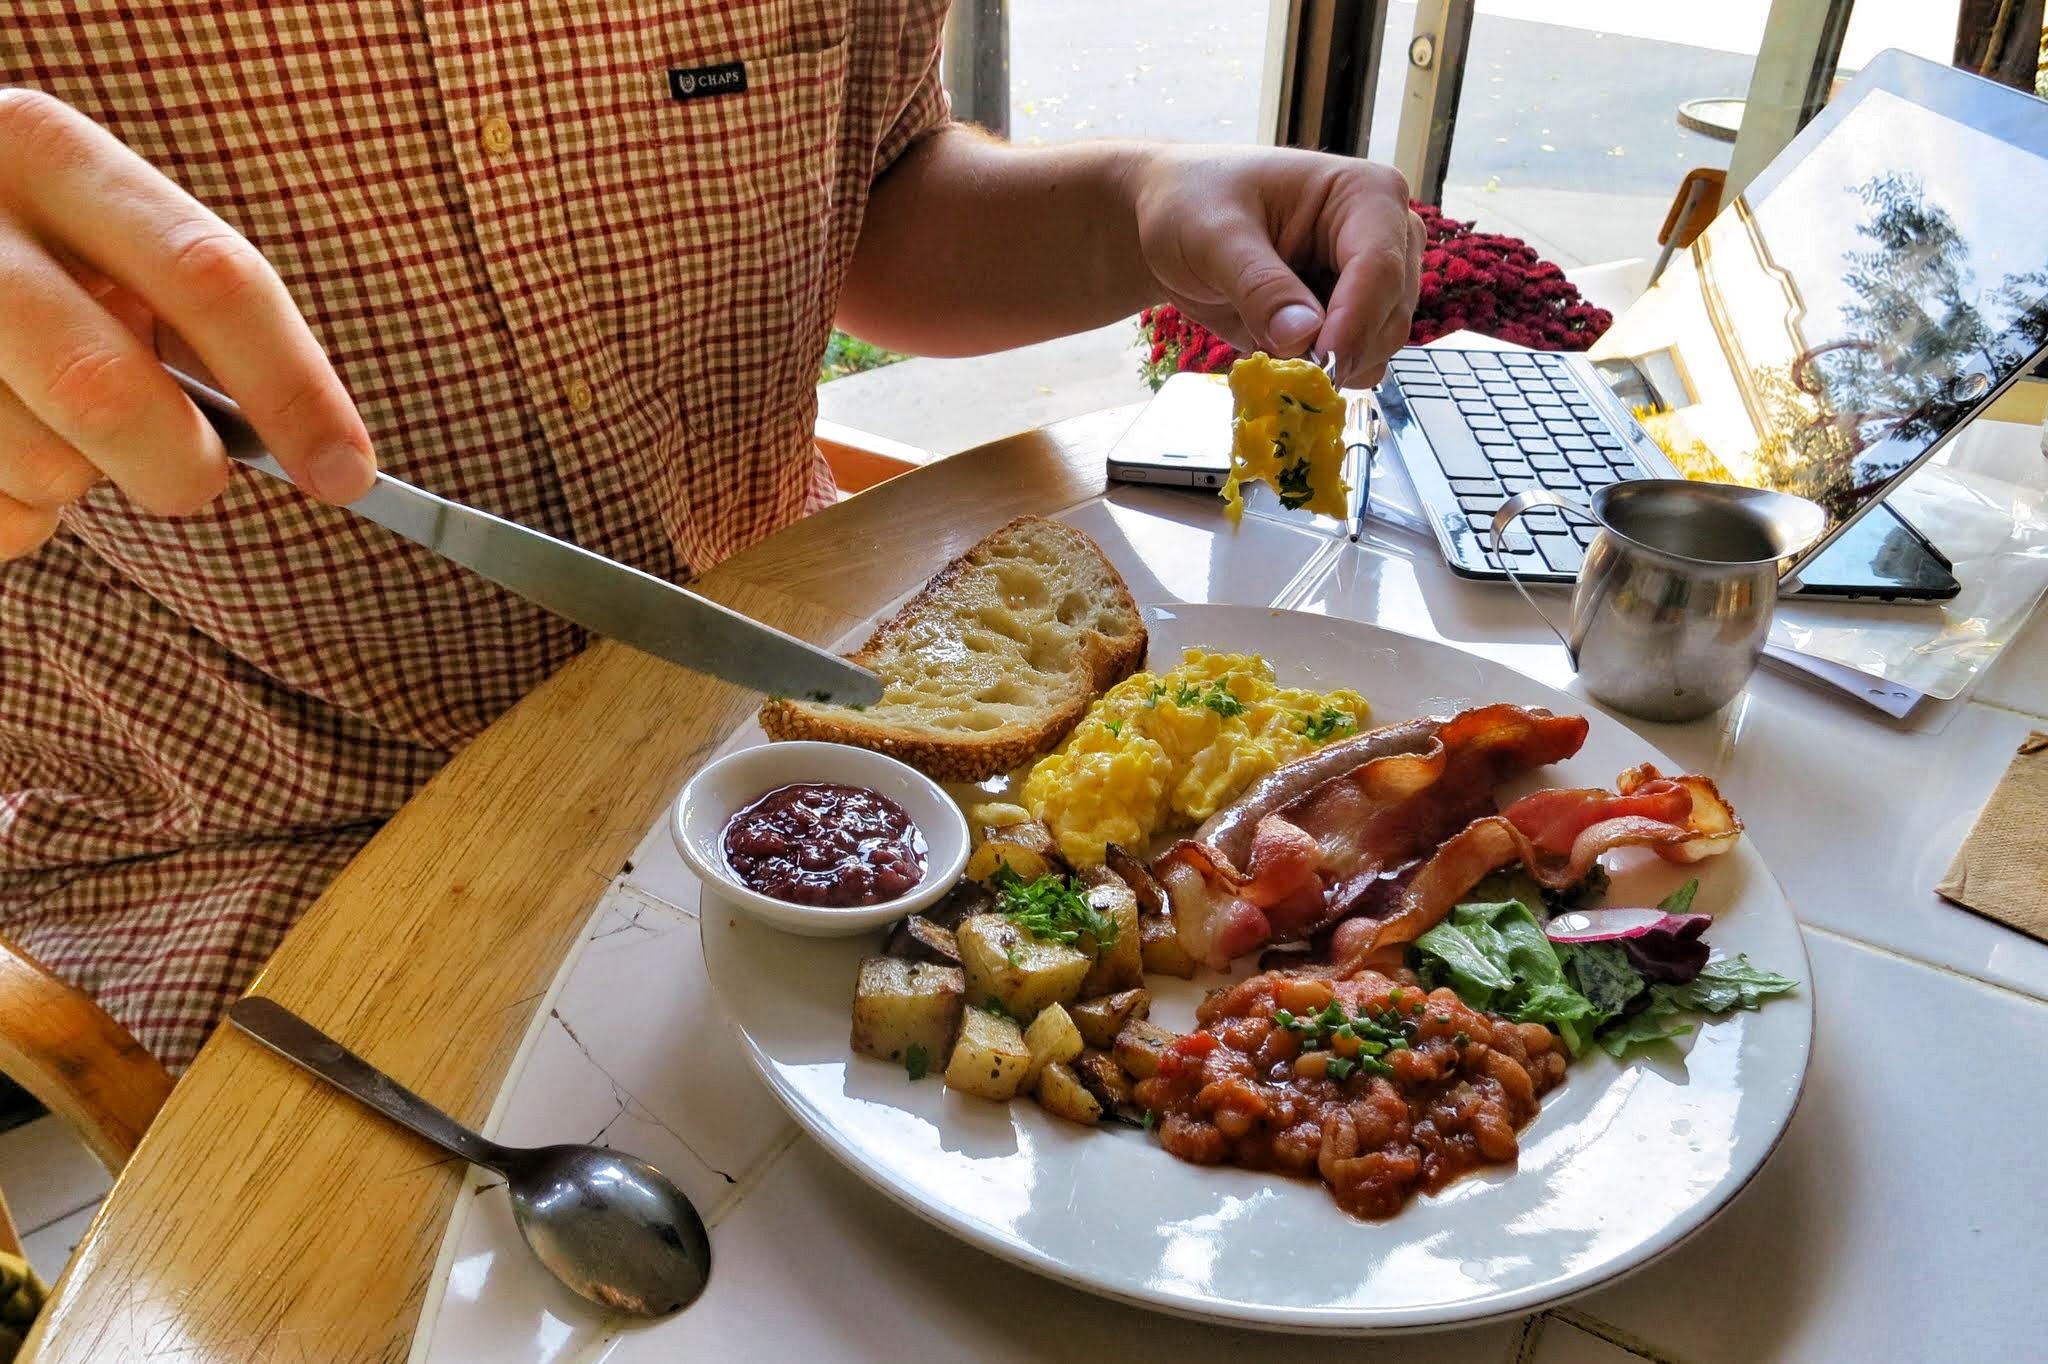 Brunch Cafe St Charles Menu